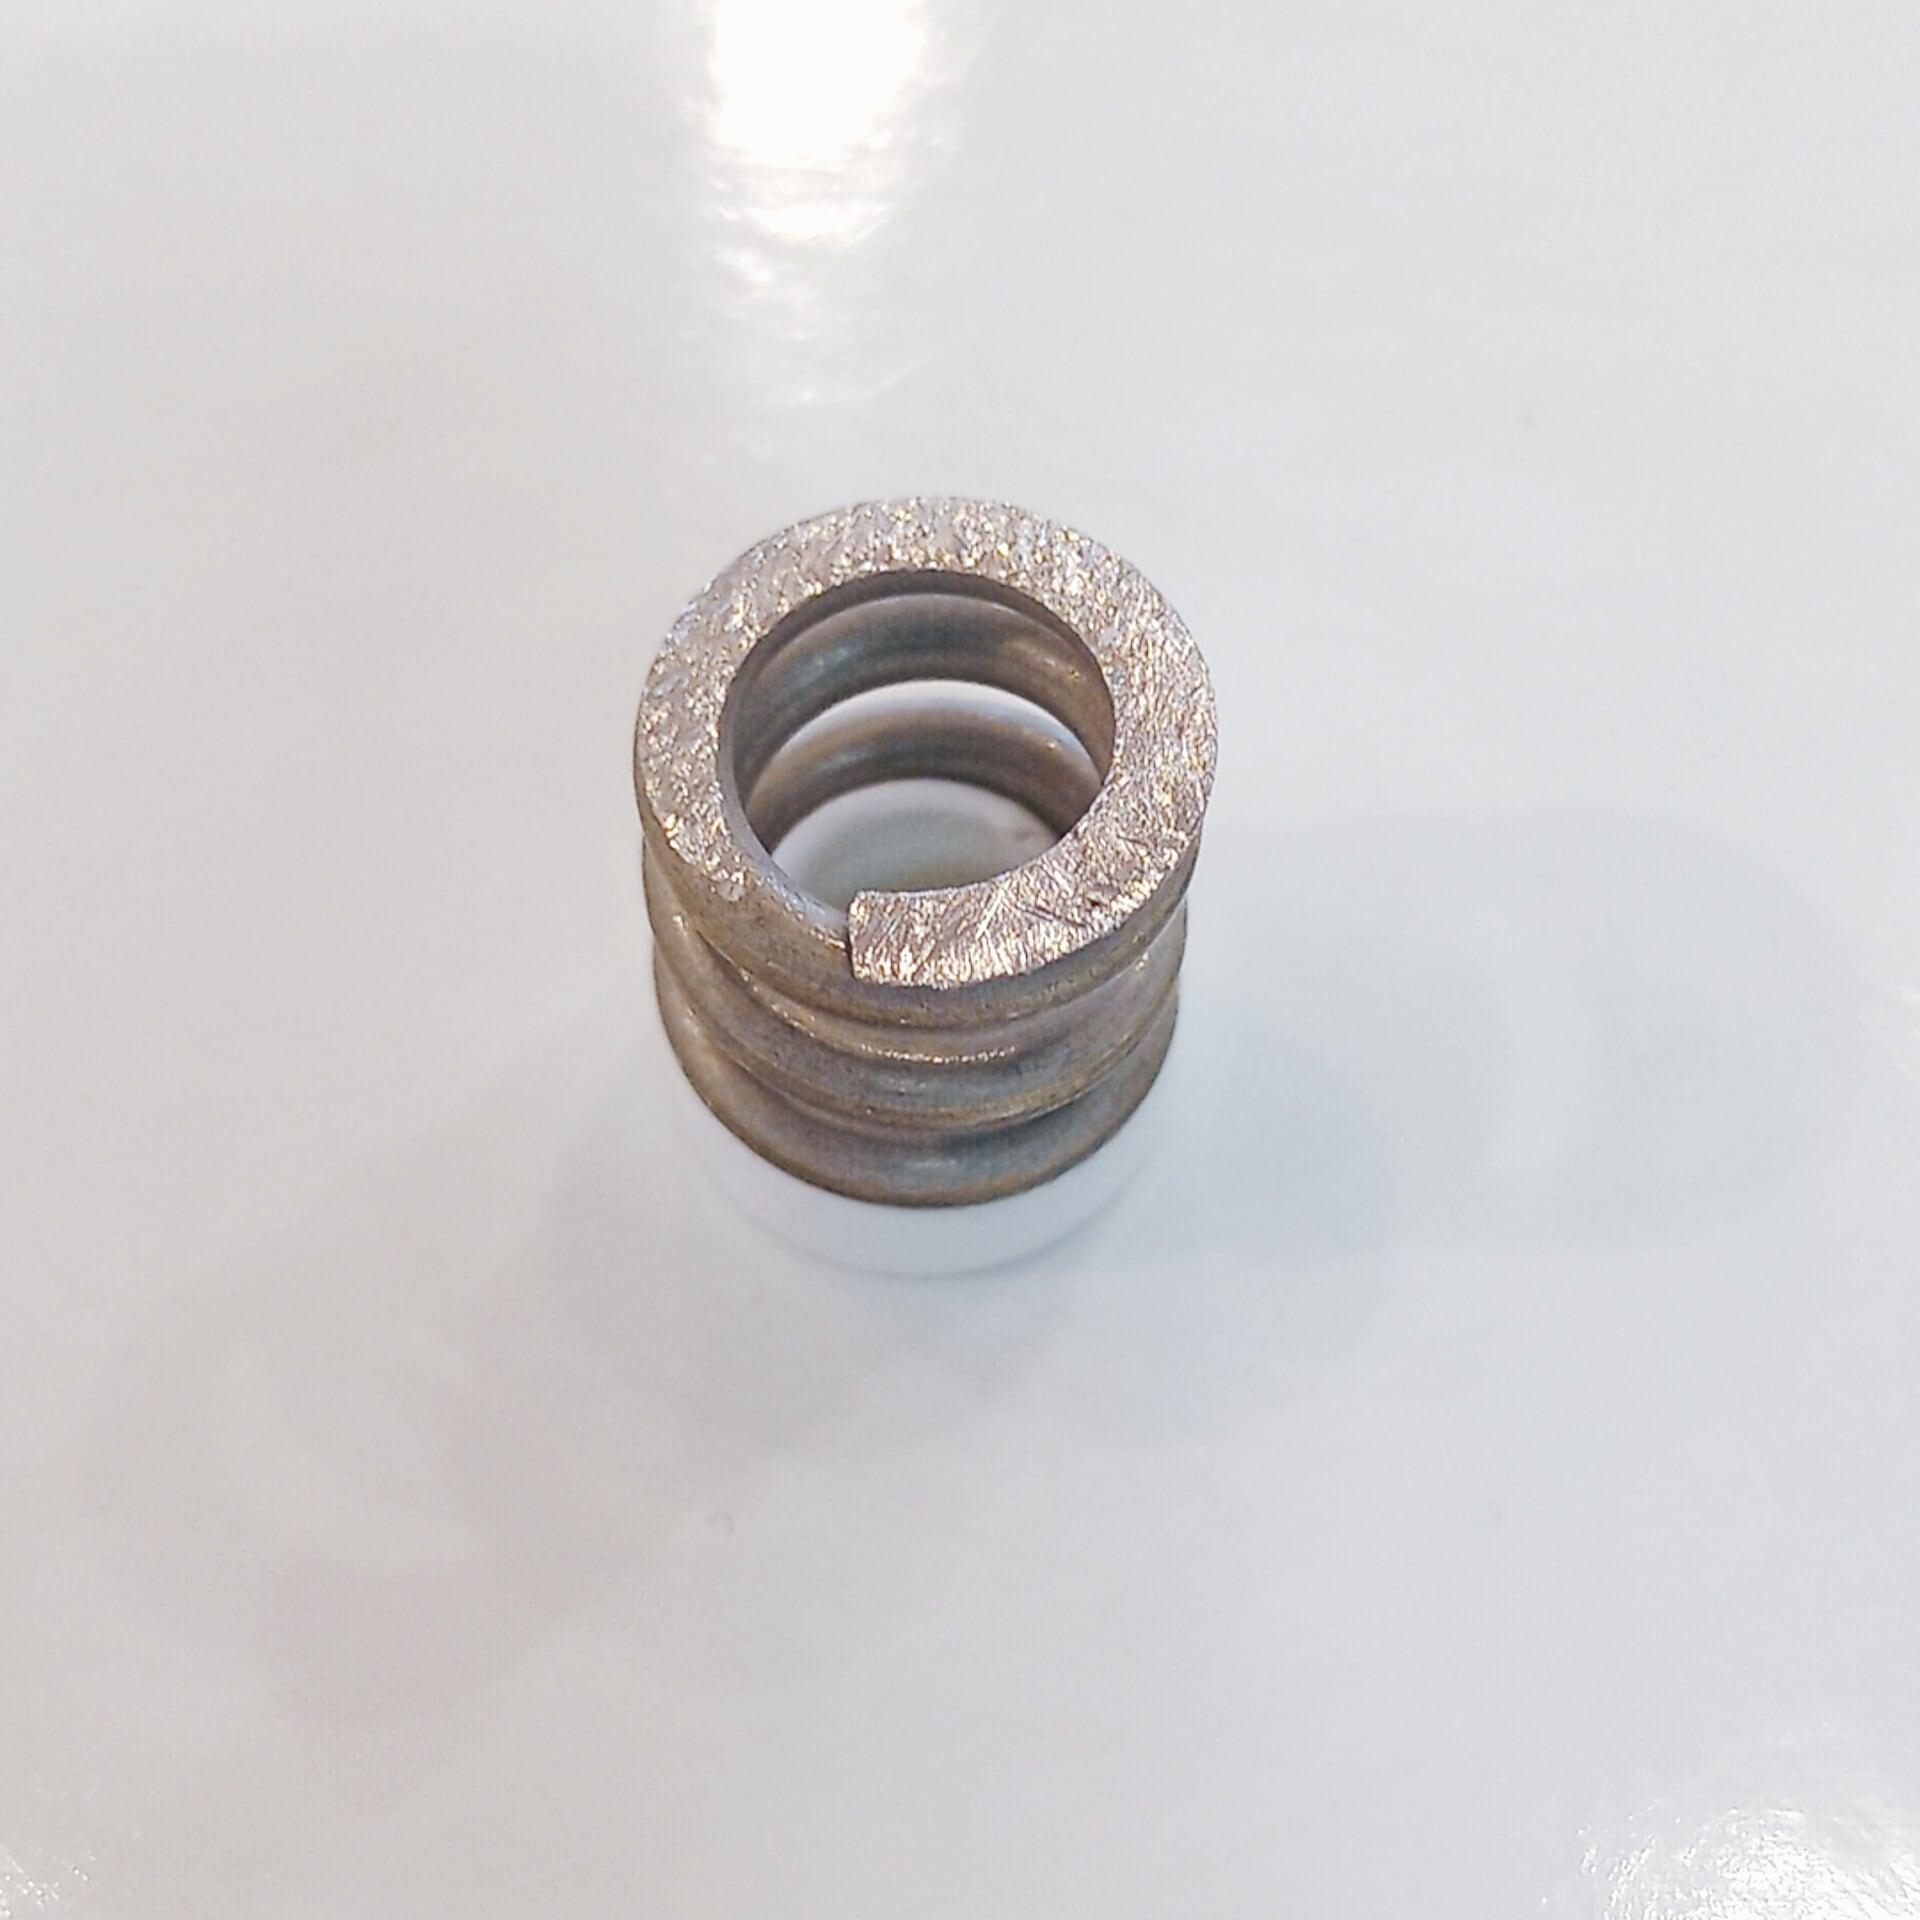 スプリング● スチームワンド用 12mm シルビア